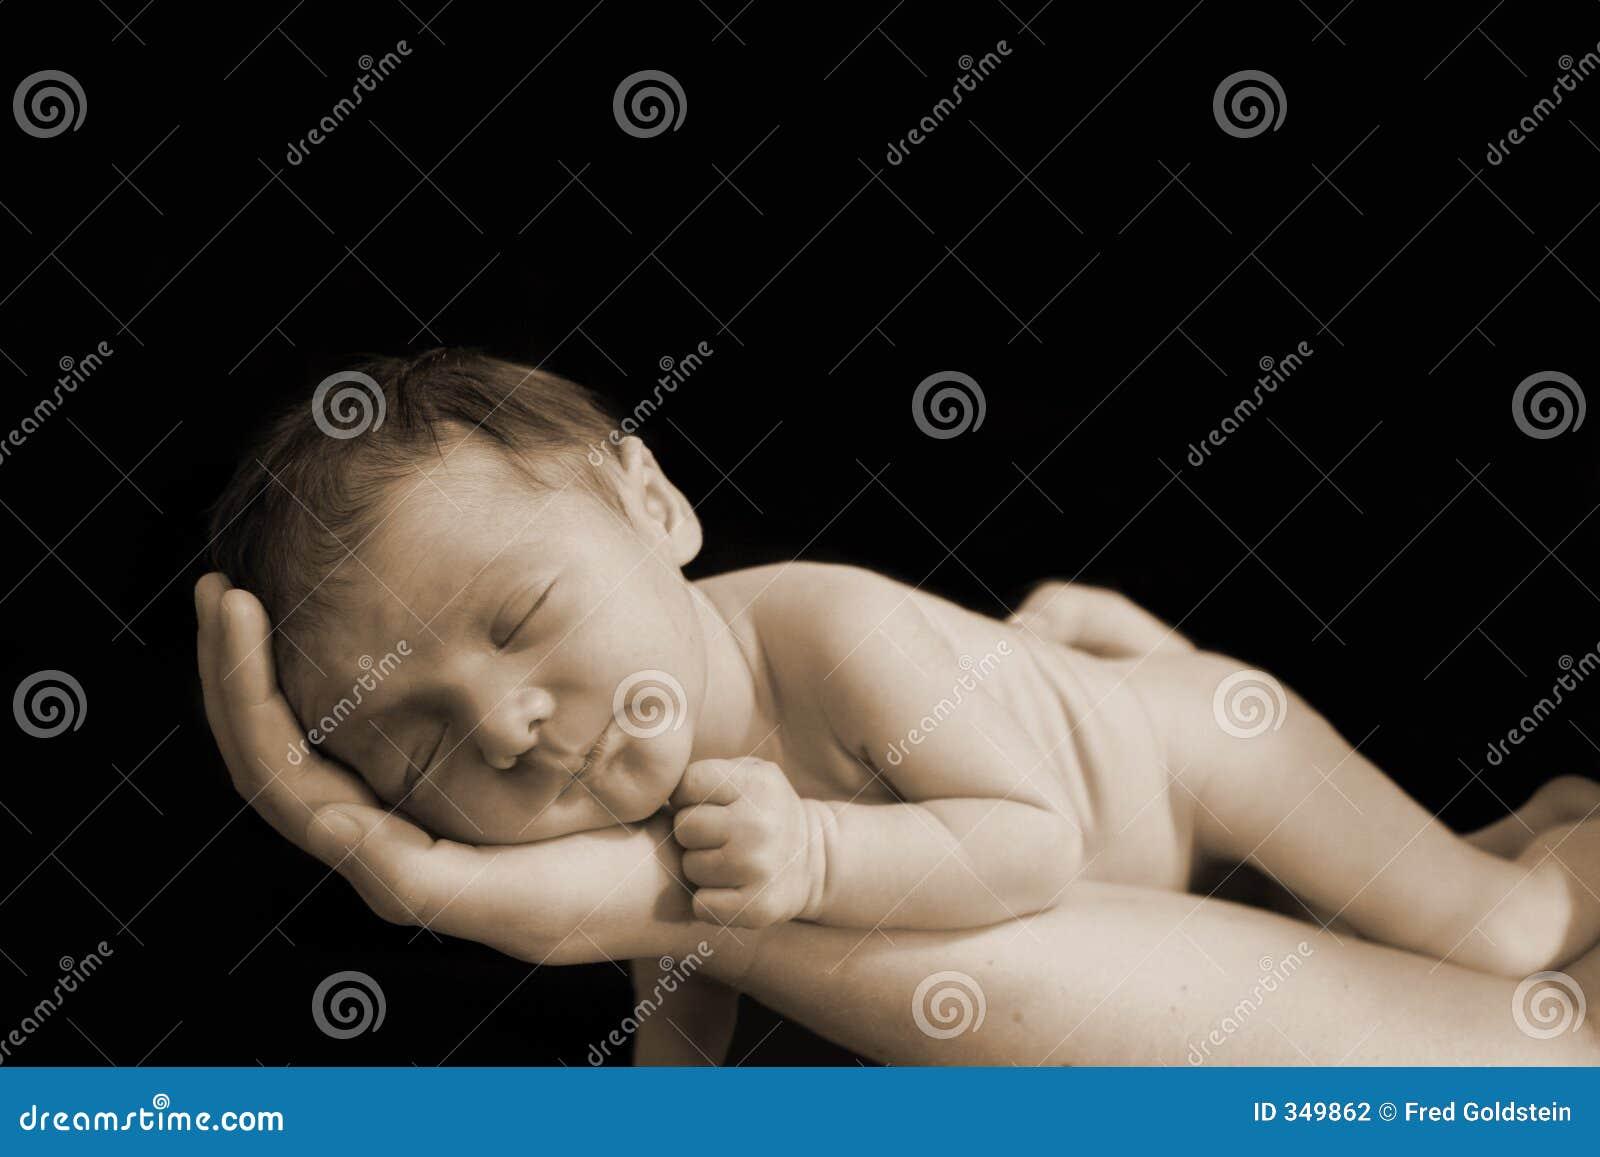 Nyfödd hand